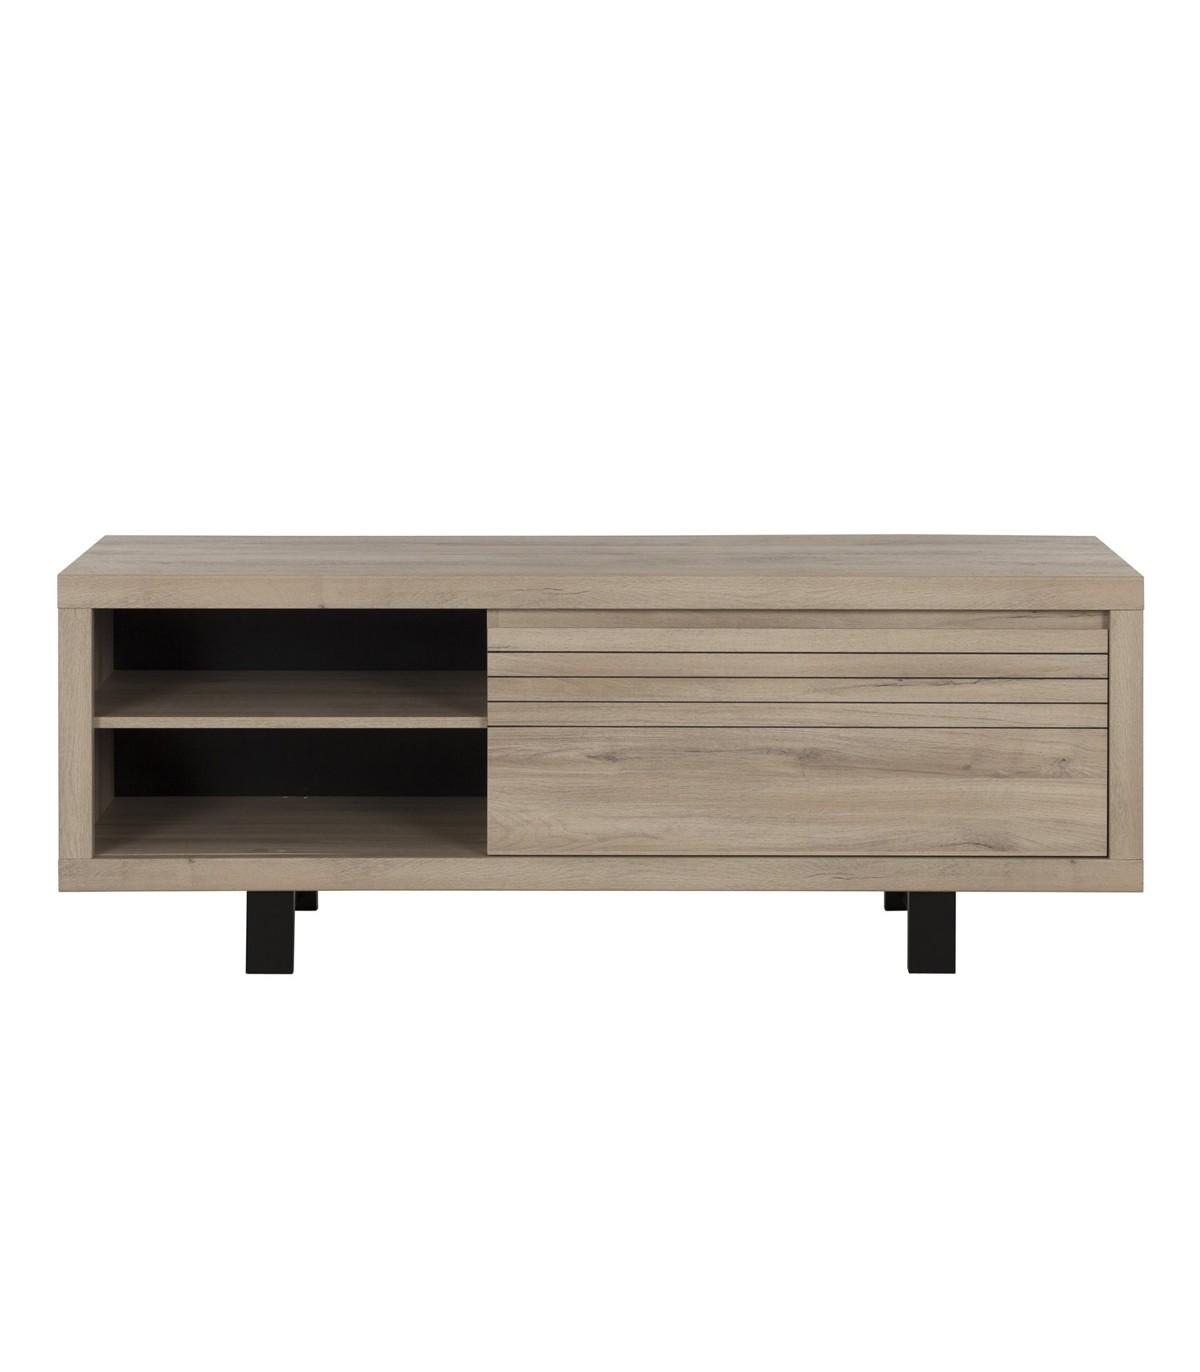 Meuble TV 1 tiroir et 2 niches avec pieds en métal - Marron